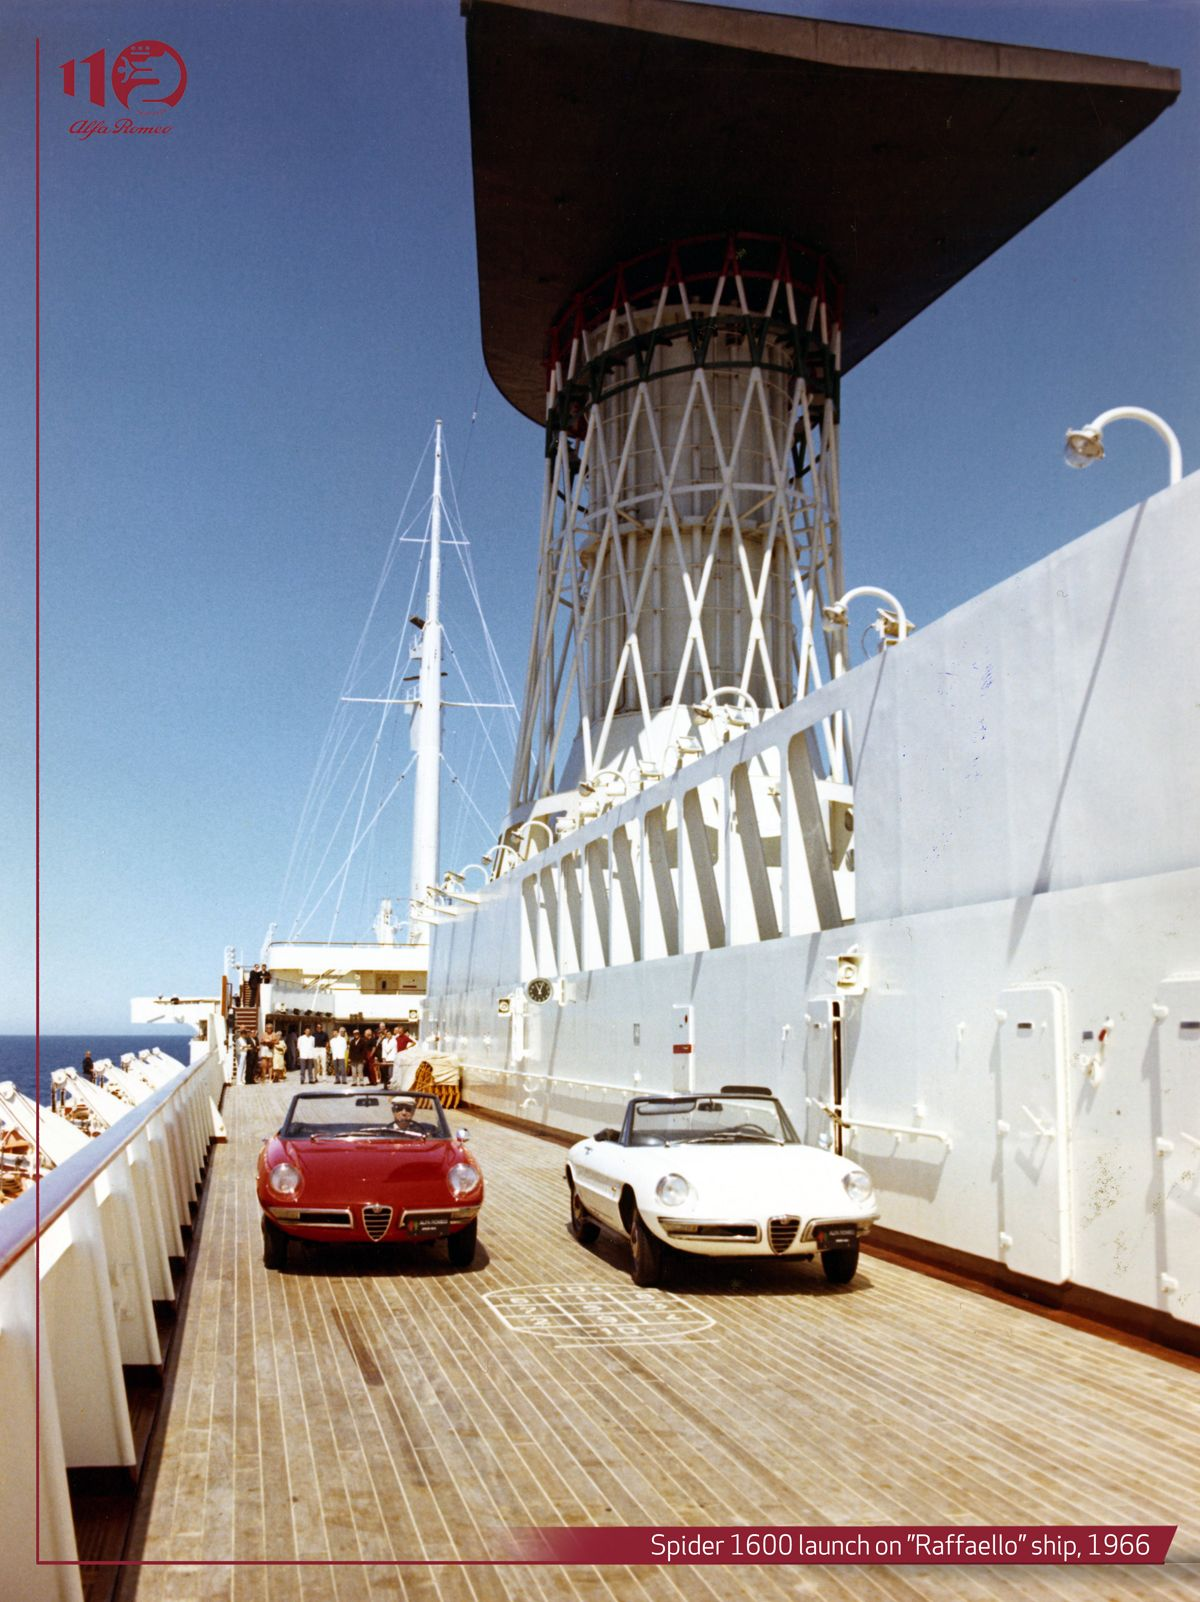 Spider-1600 launch on Raffaello ship-1966_ENG